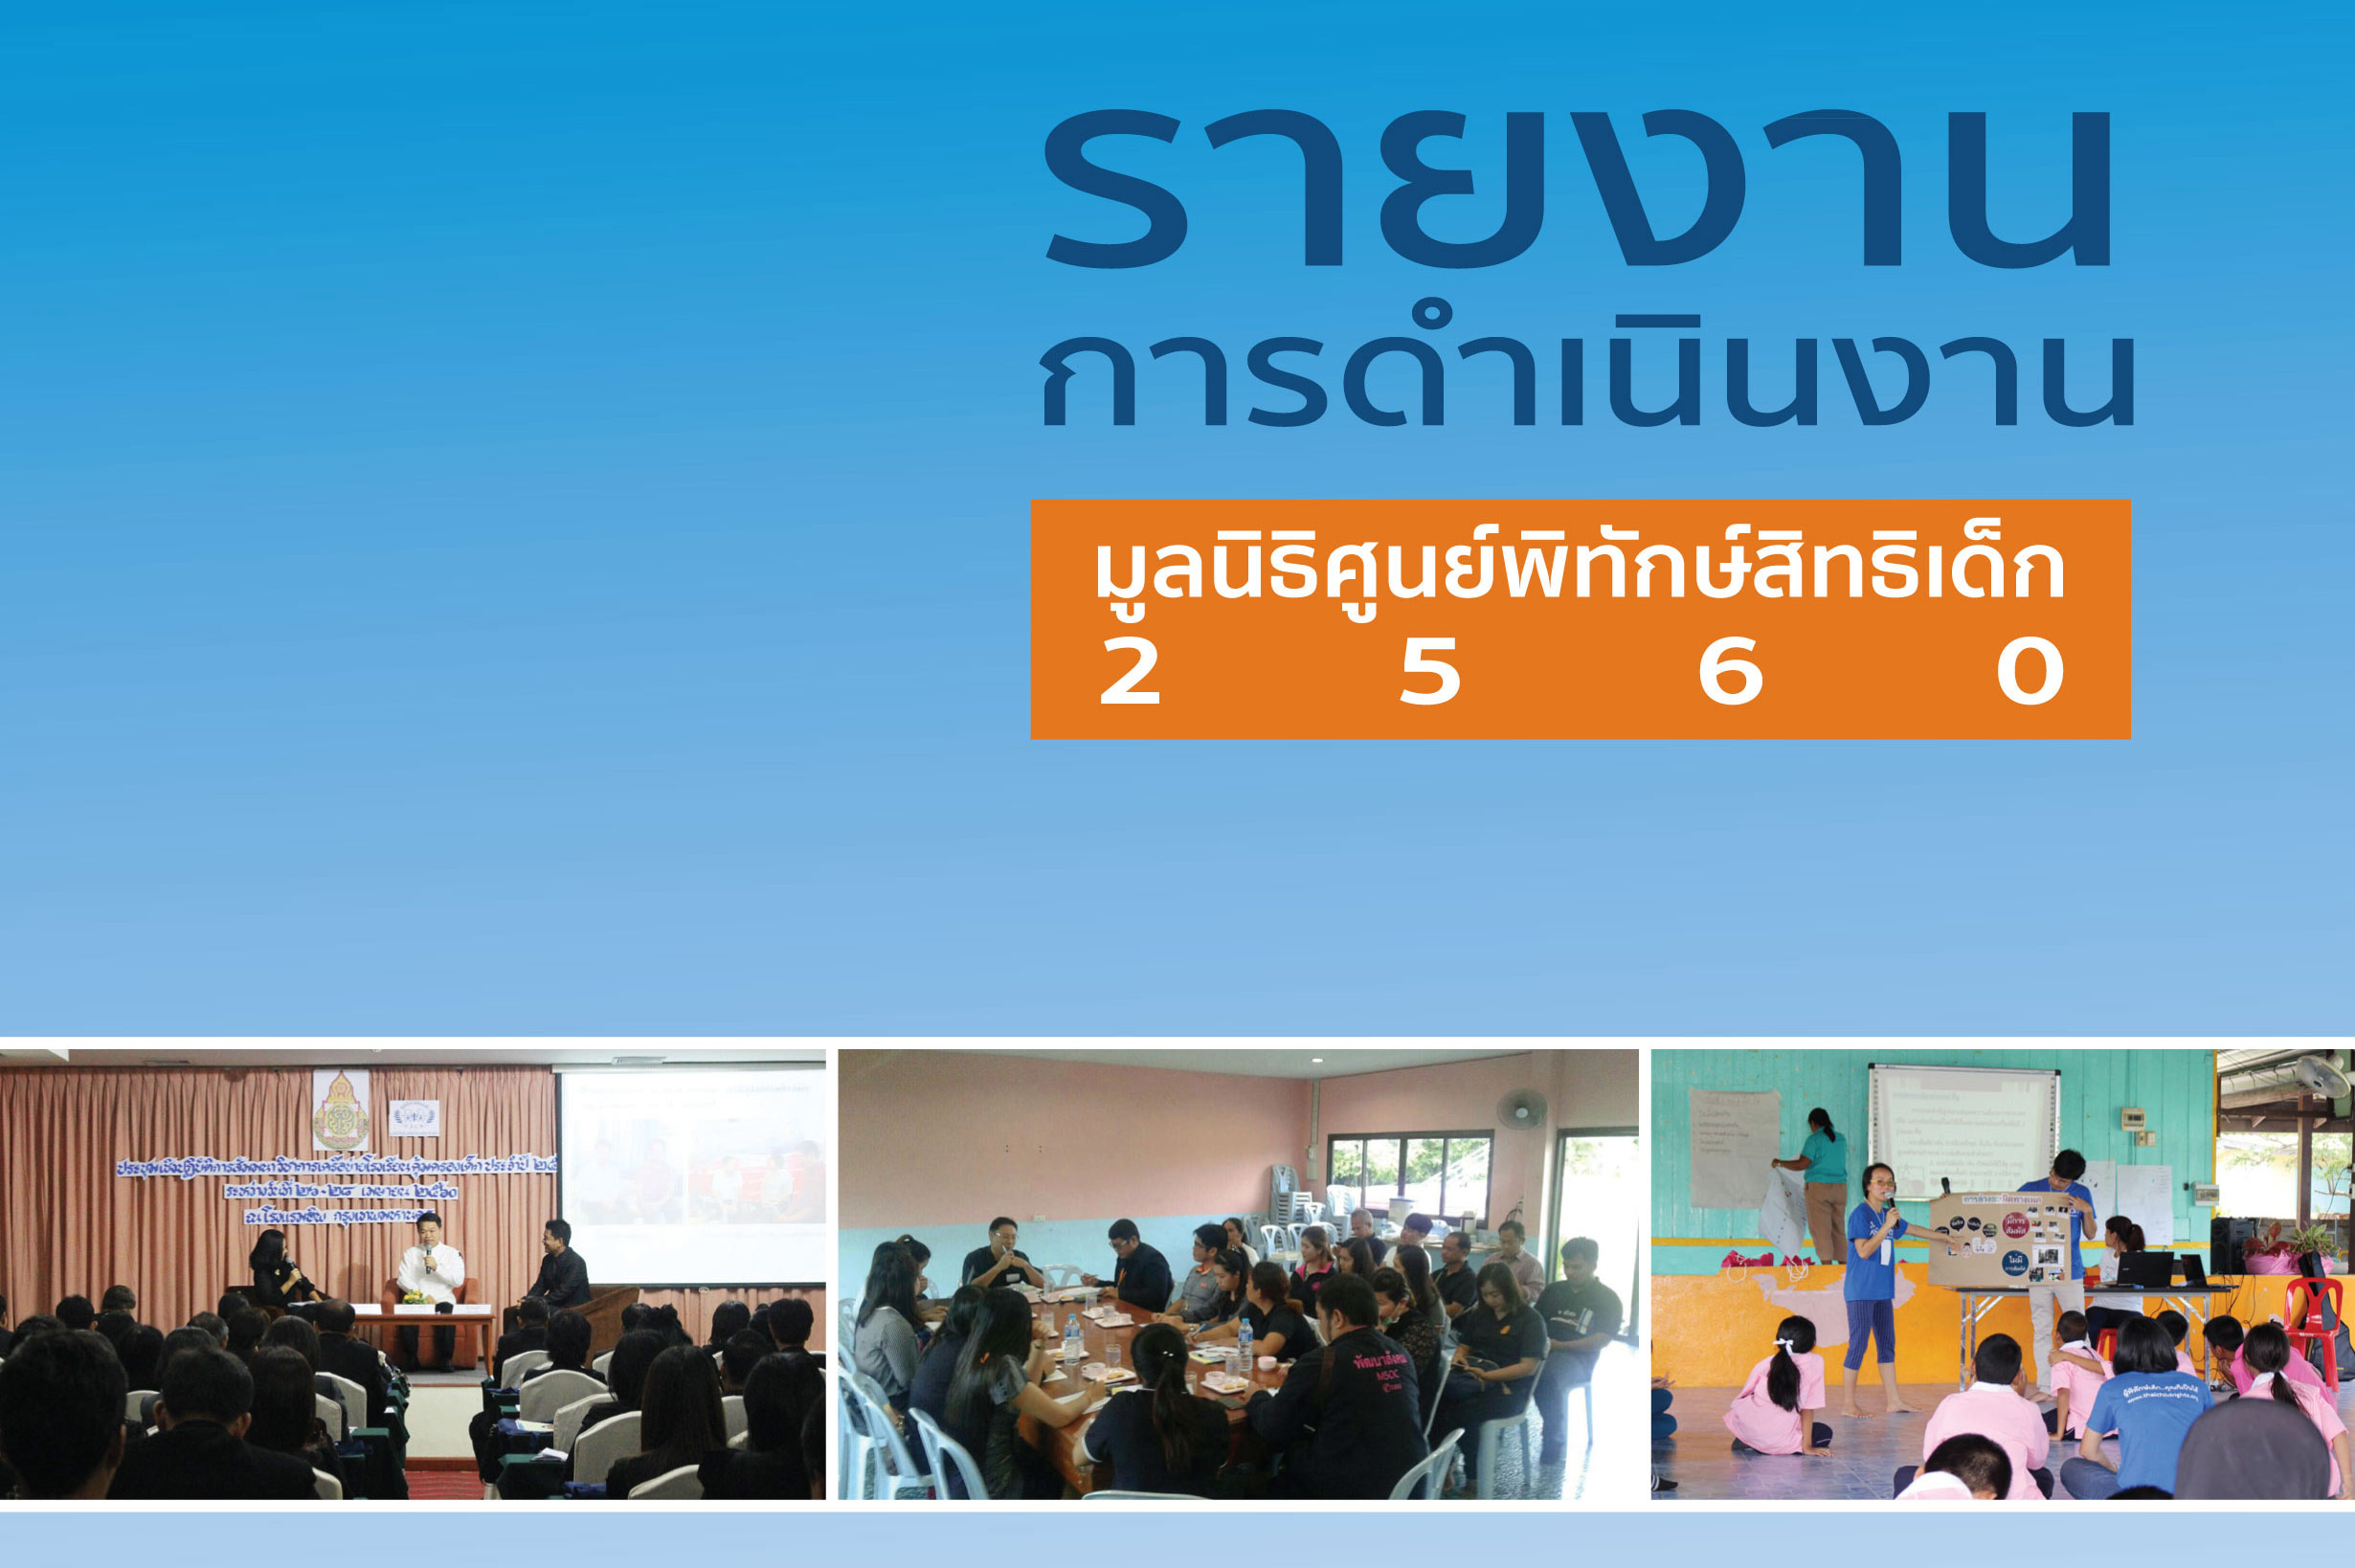 รายงานการดำเนินงานของมูลนิธิศูนย์พิทักษ์สิทธิเด็ก ประจำปี 2560